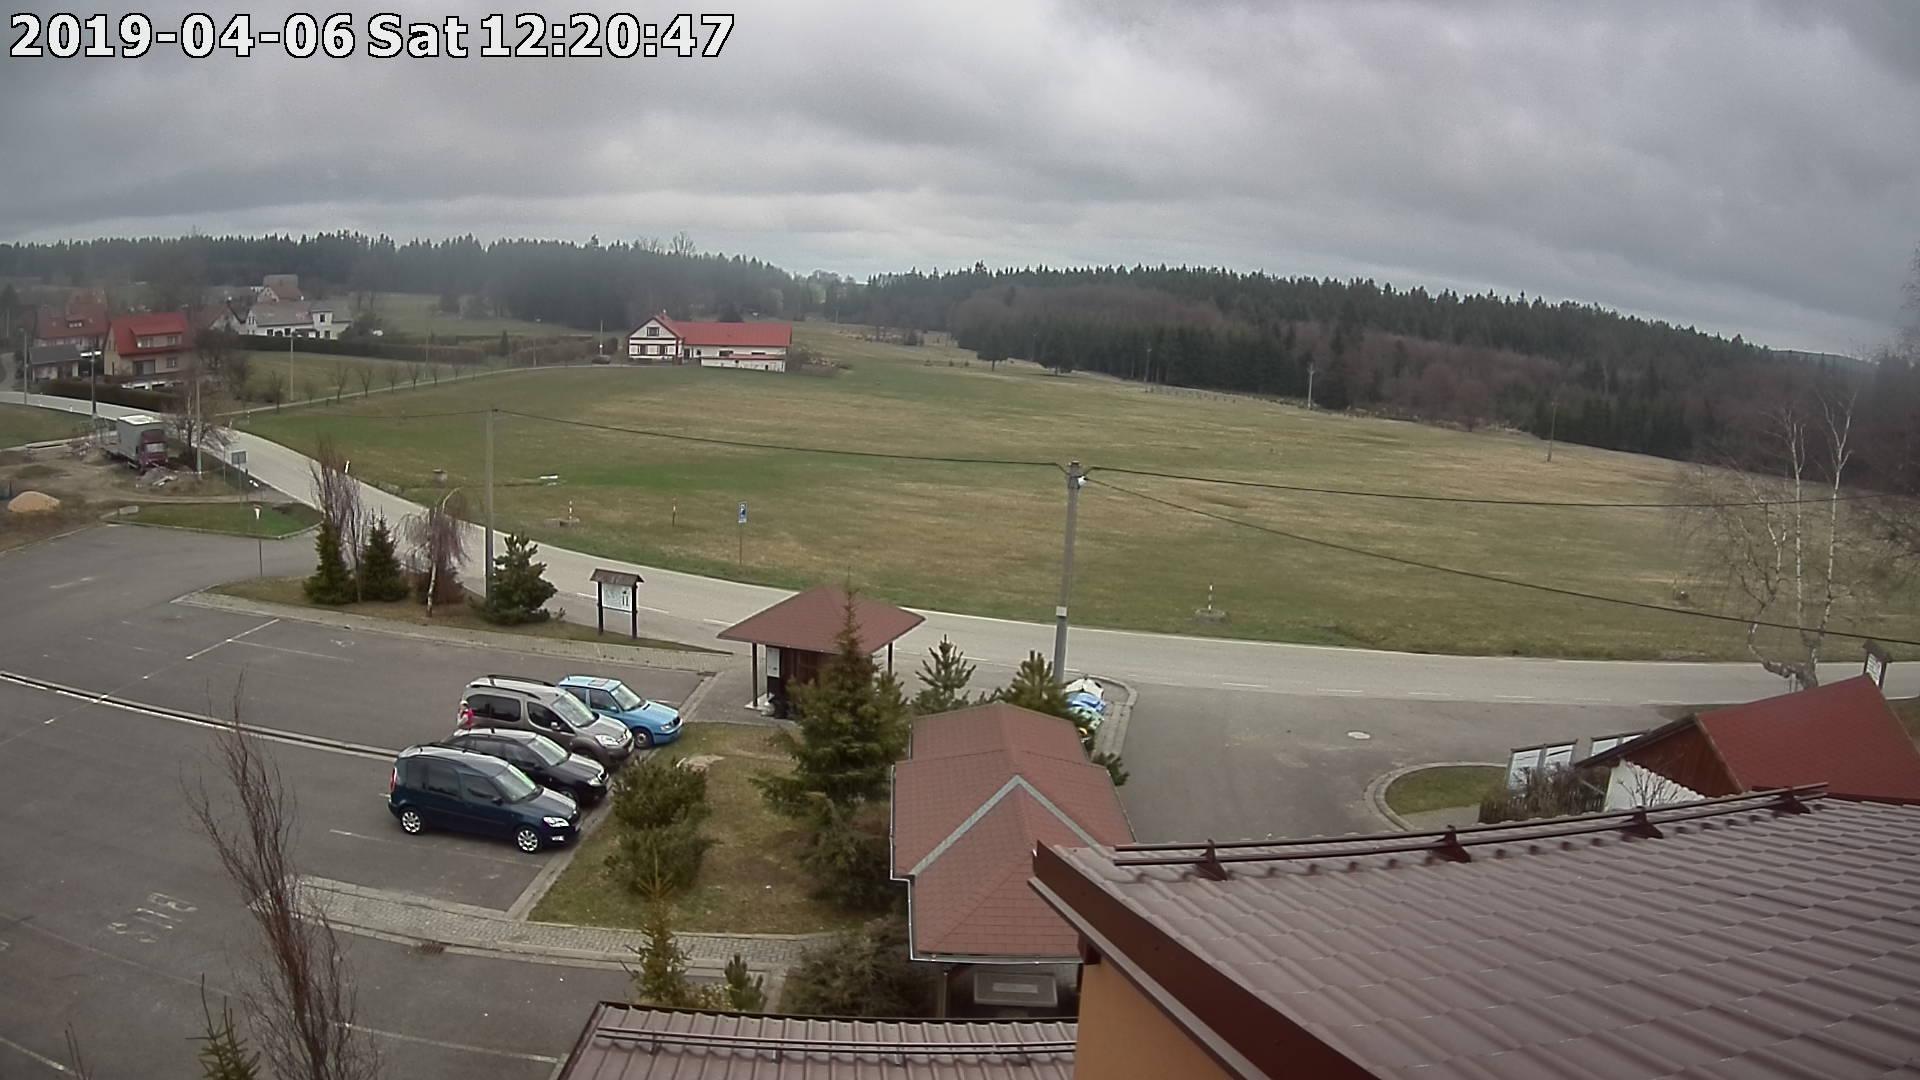 Webkamera ze dne 2019-04-06